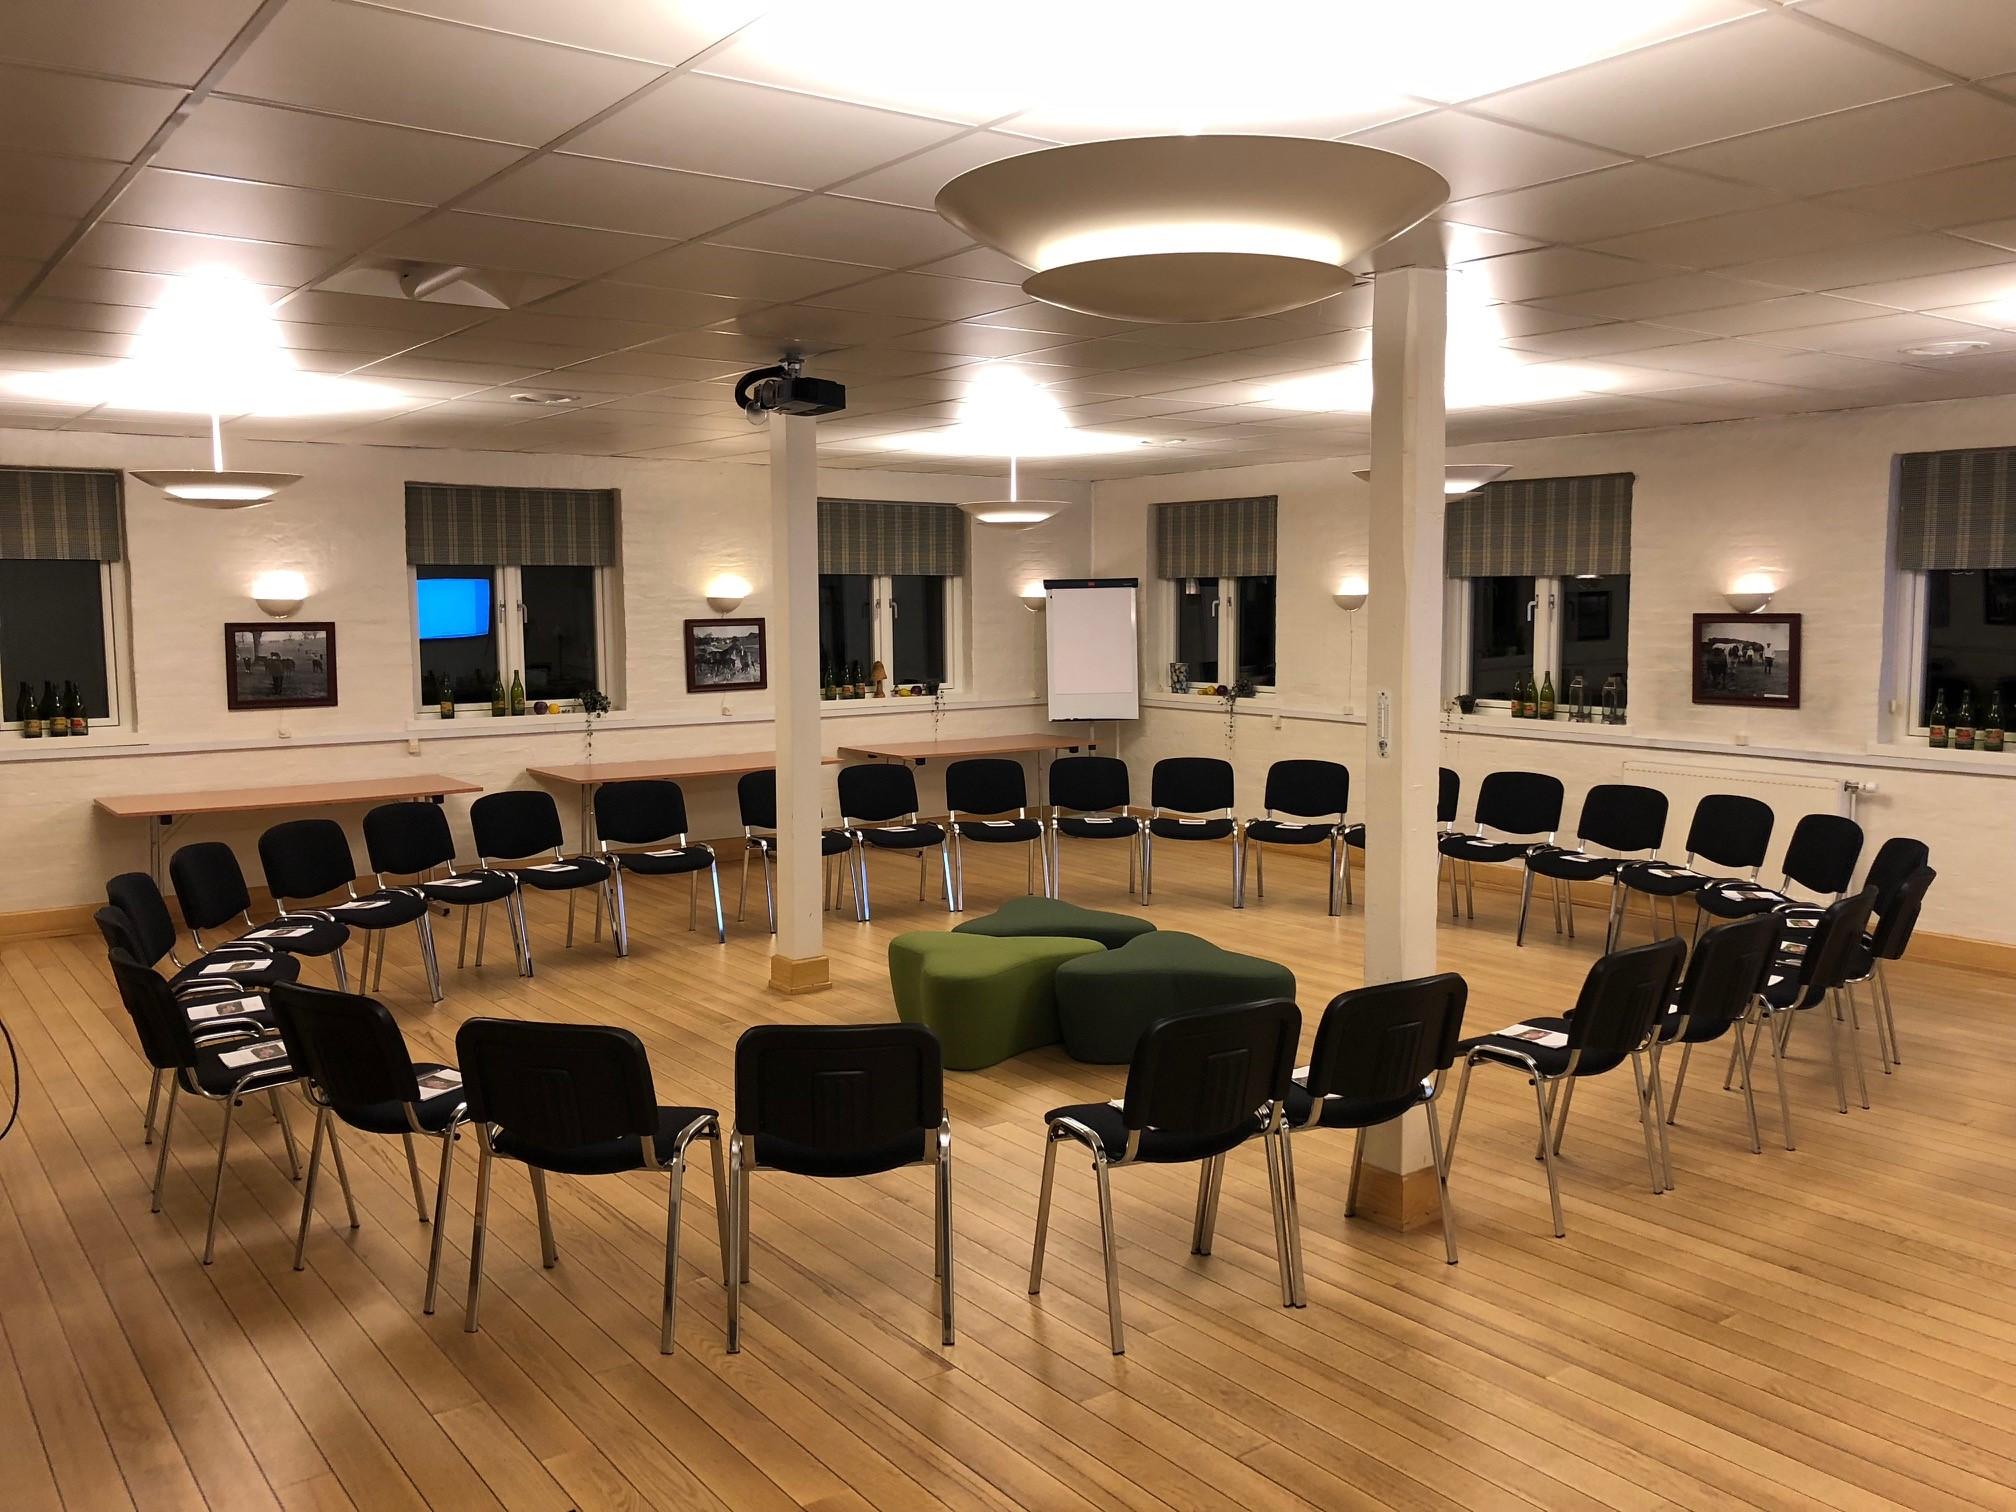 Konference_konferenclokaler_Sjælland_konferencecenter_Saltoftehus_rundkreds